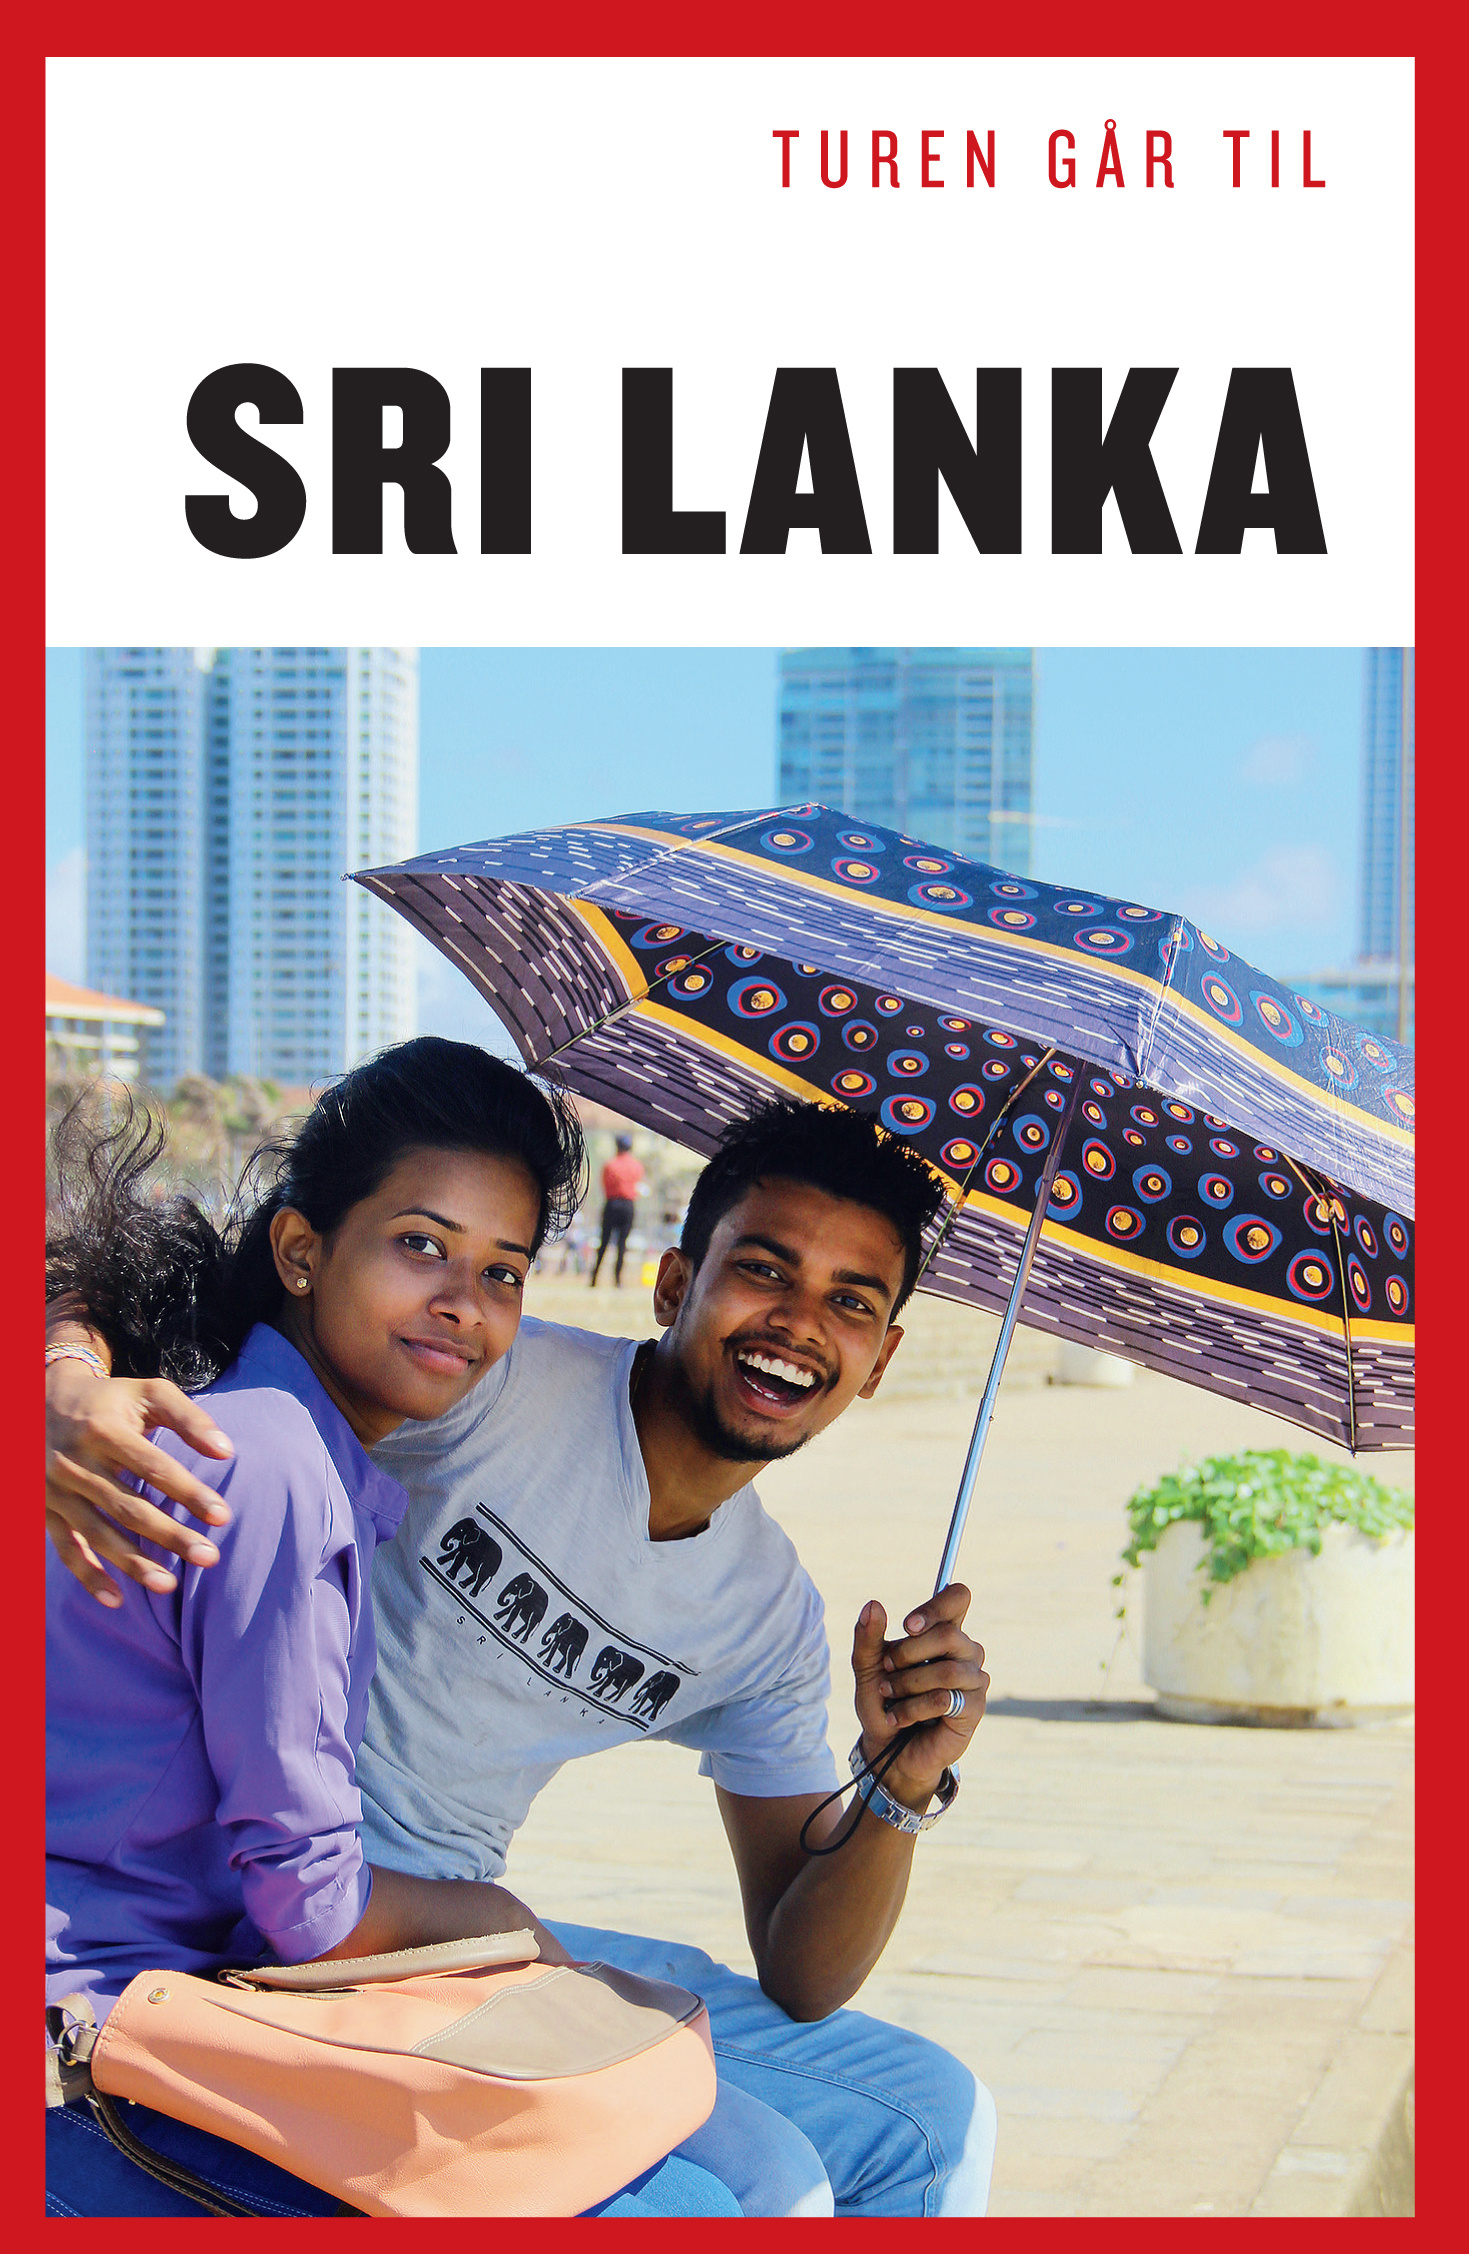 Afholte Turen går til Sri Lanka   Tore E.H. Holst   Politikens Forlag SZ-78